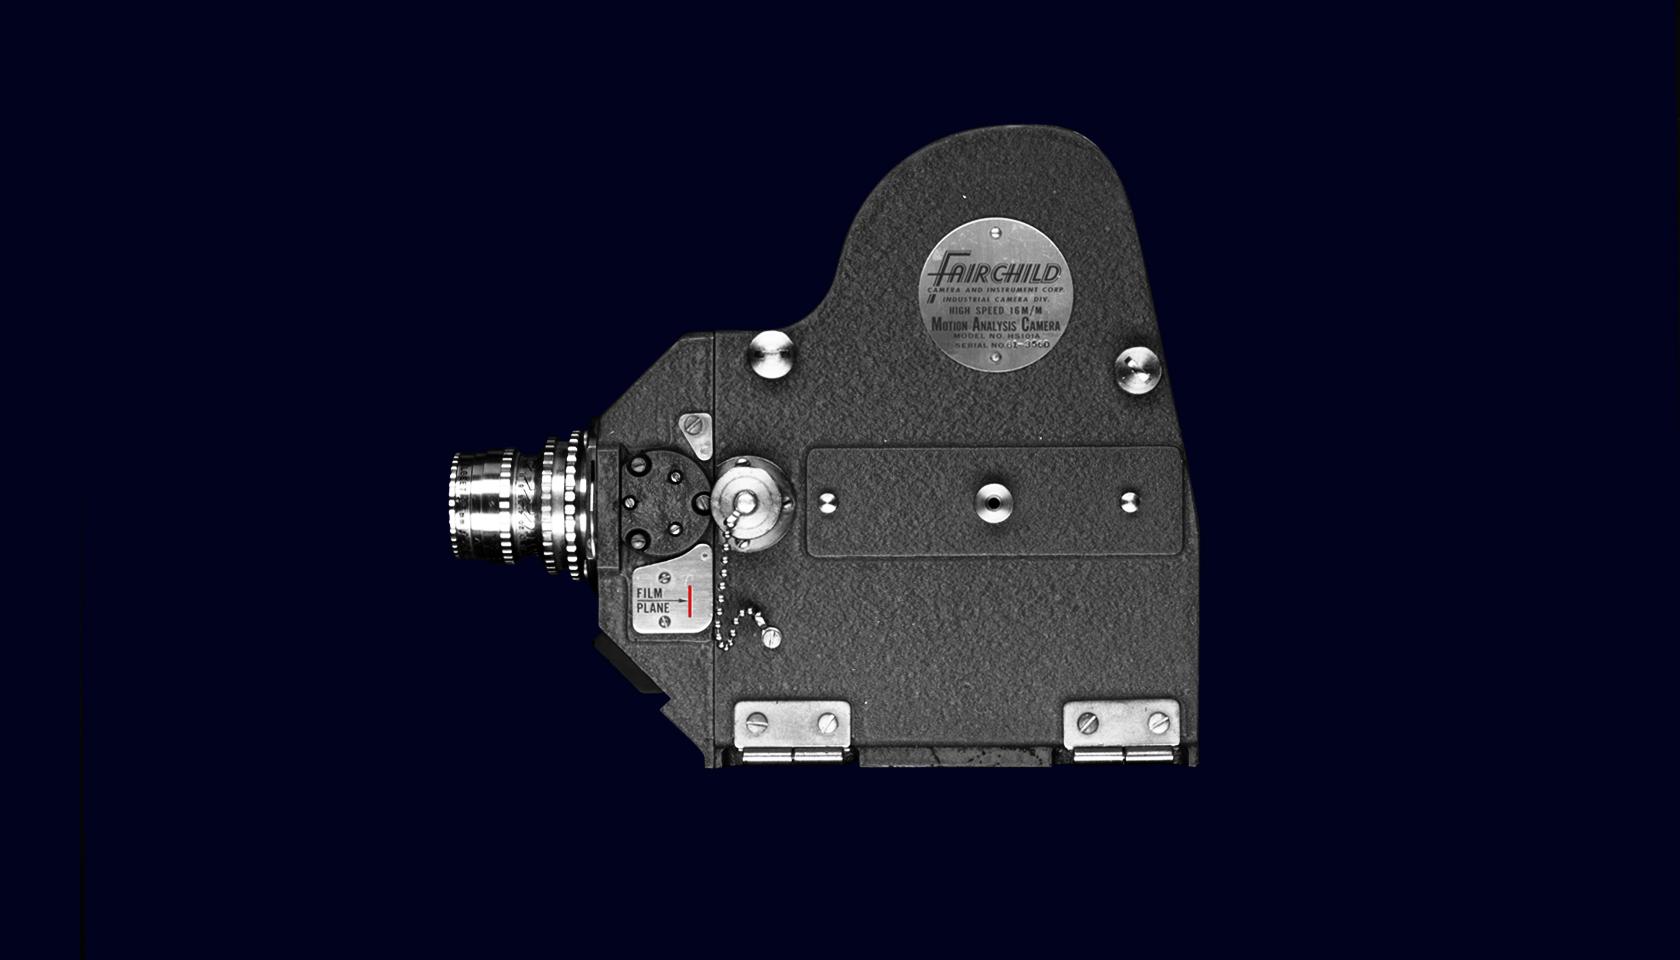 Fairchild 40 x 60.JPG